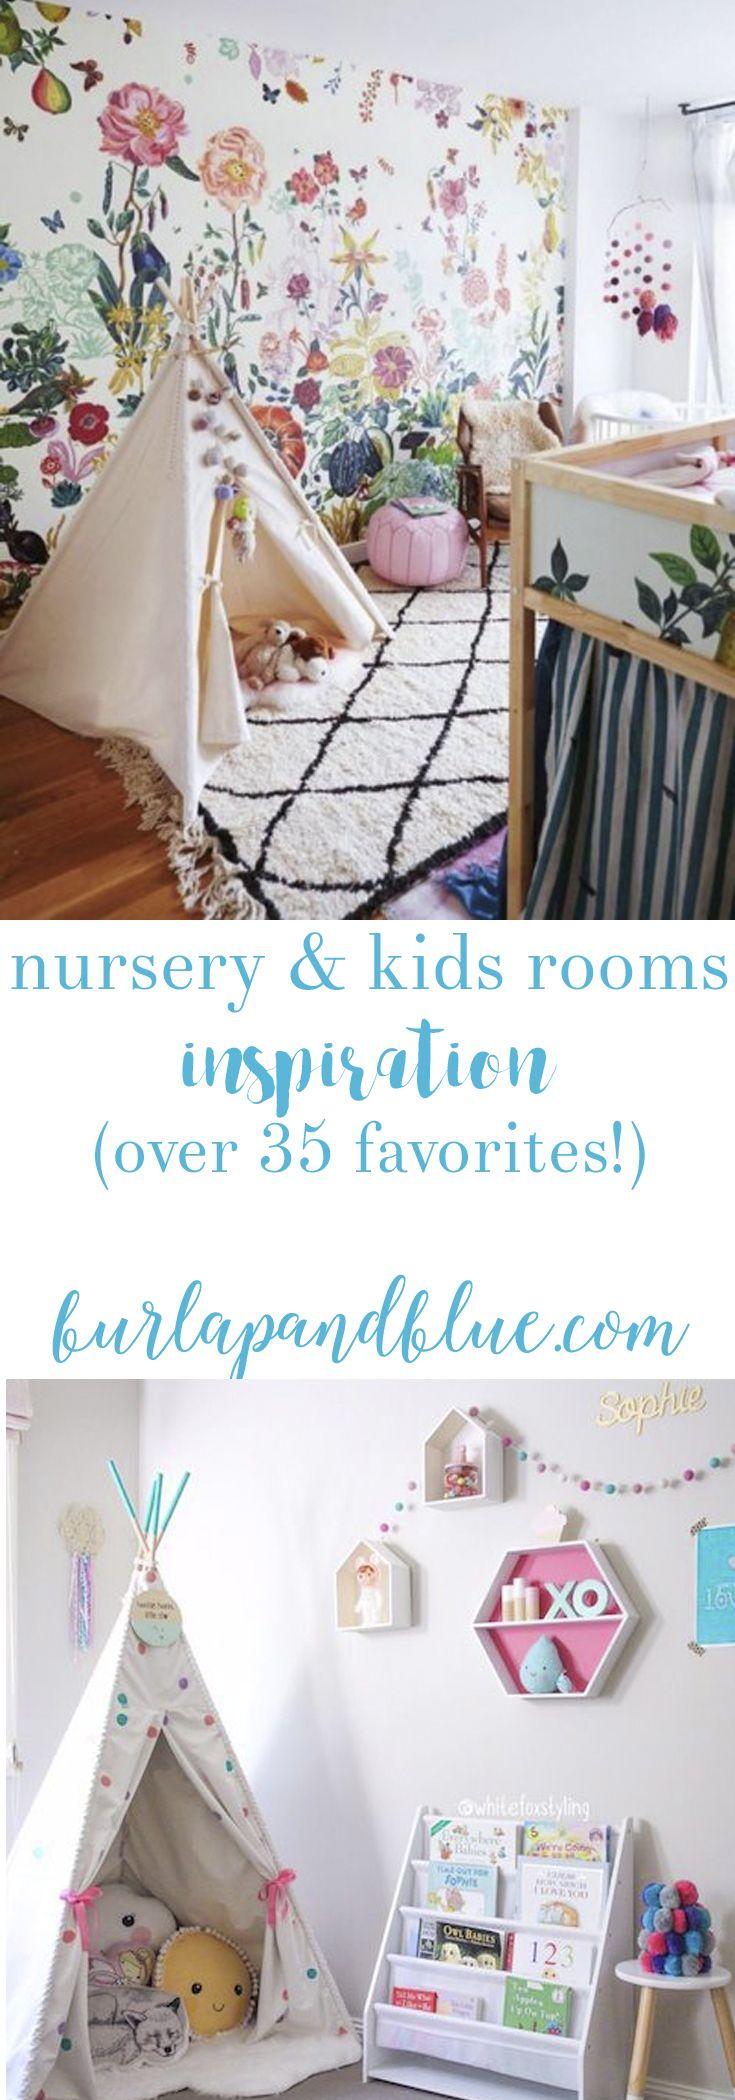 best nursery ideas images on pinterest babies rooms child room